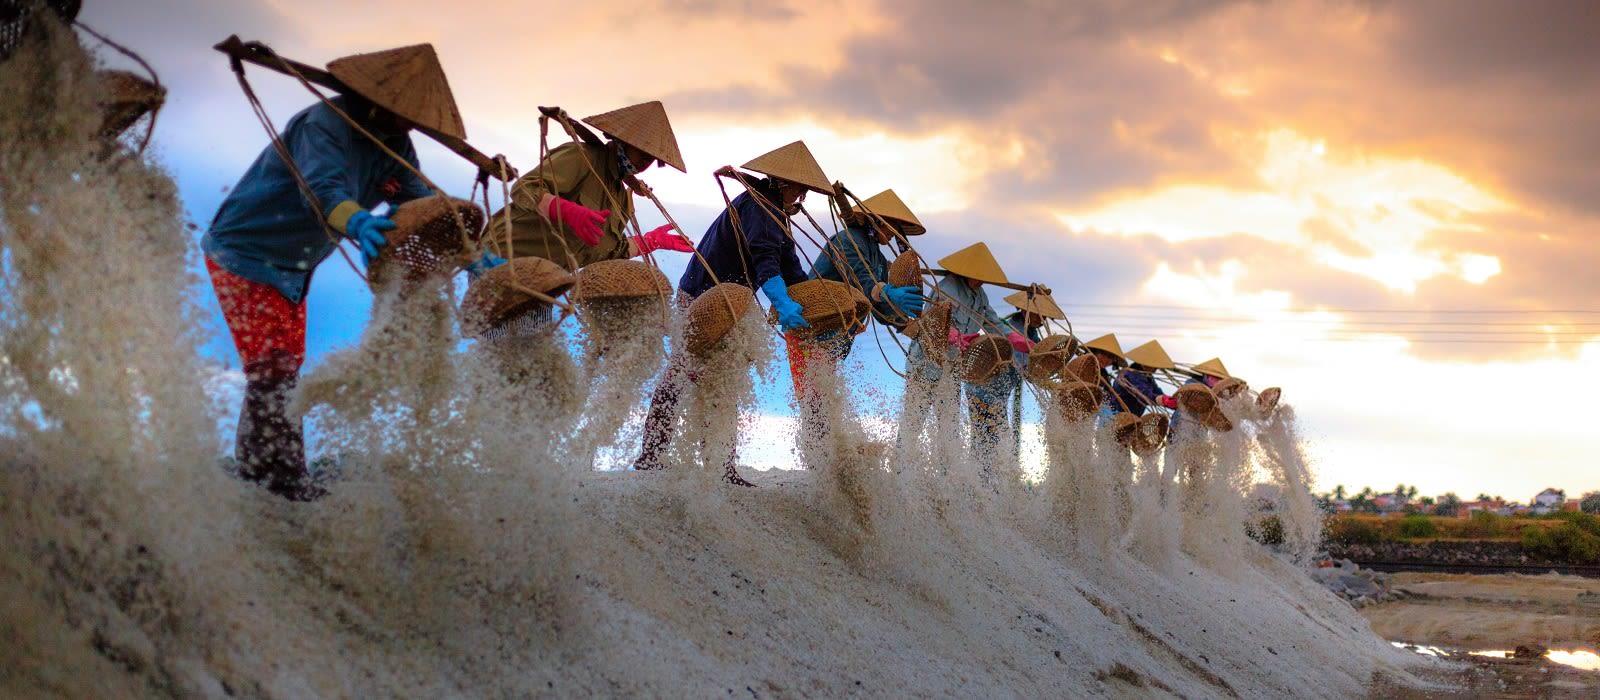 Grand of Vietnam – Australia Special Tour Trip 5